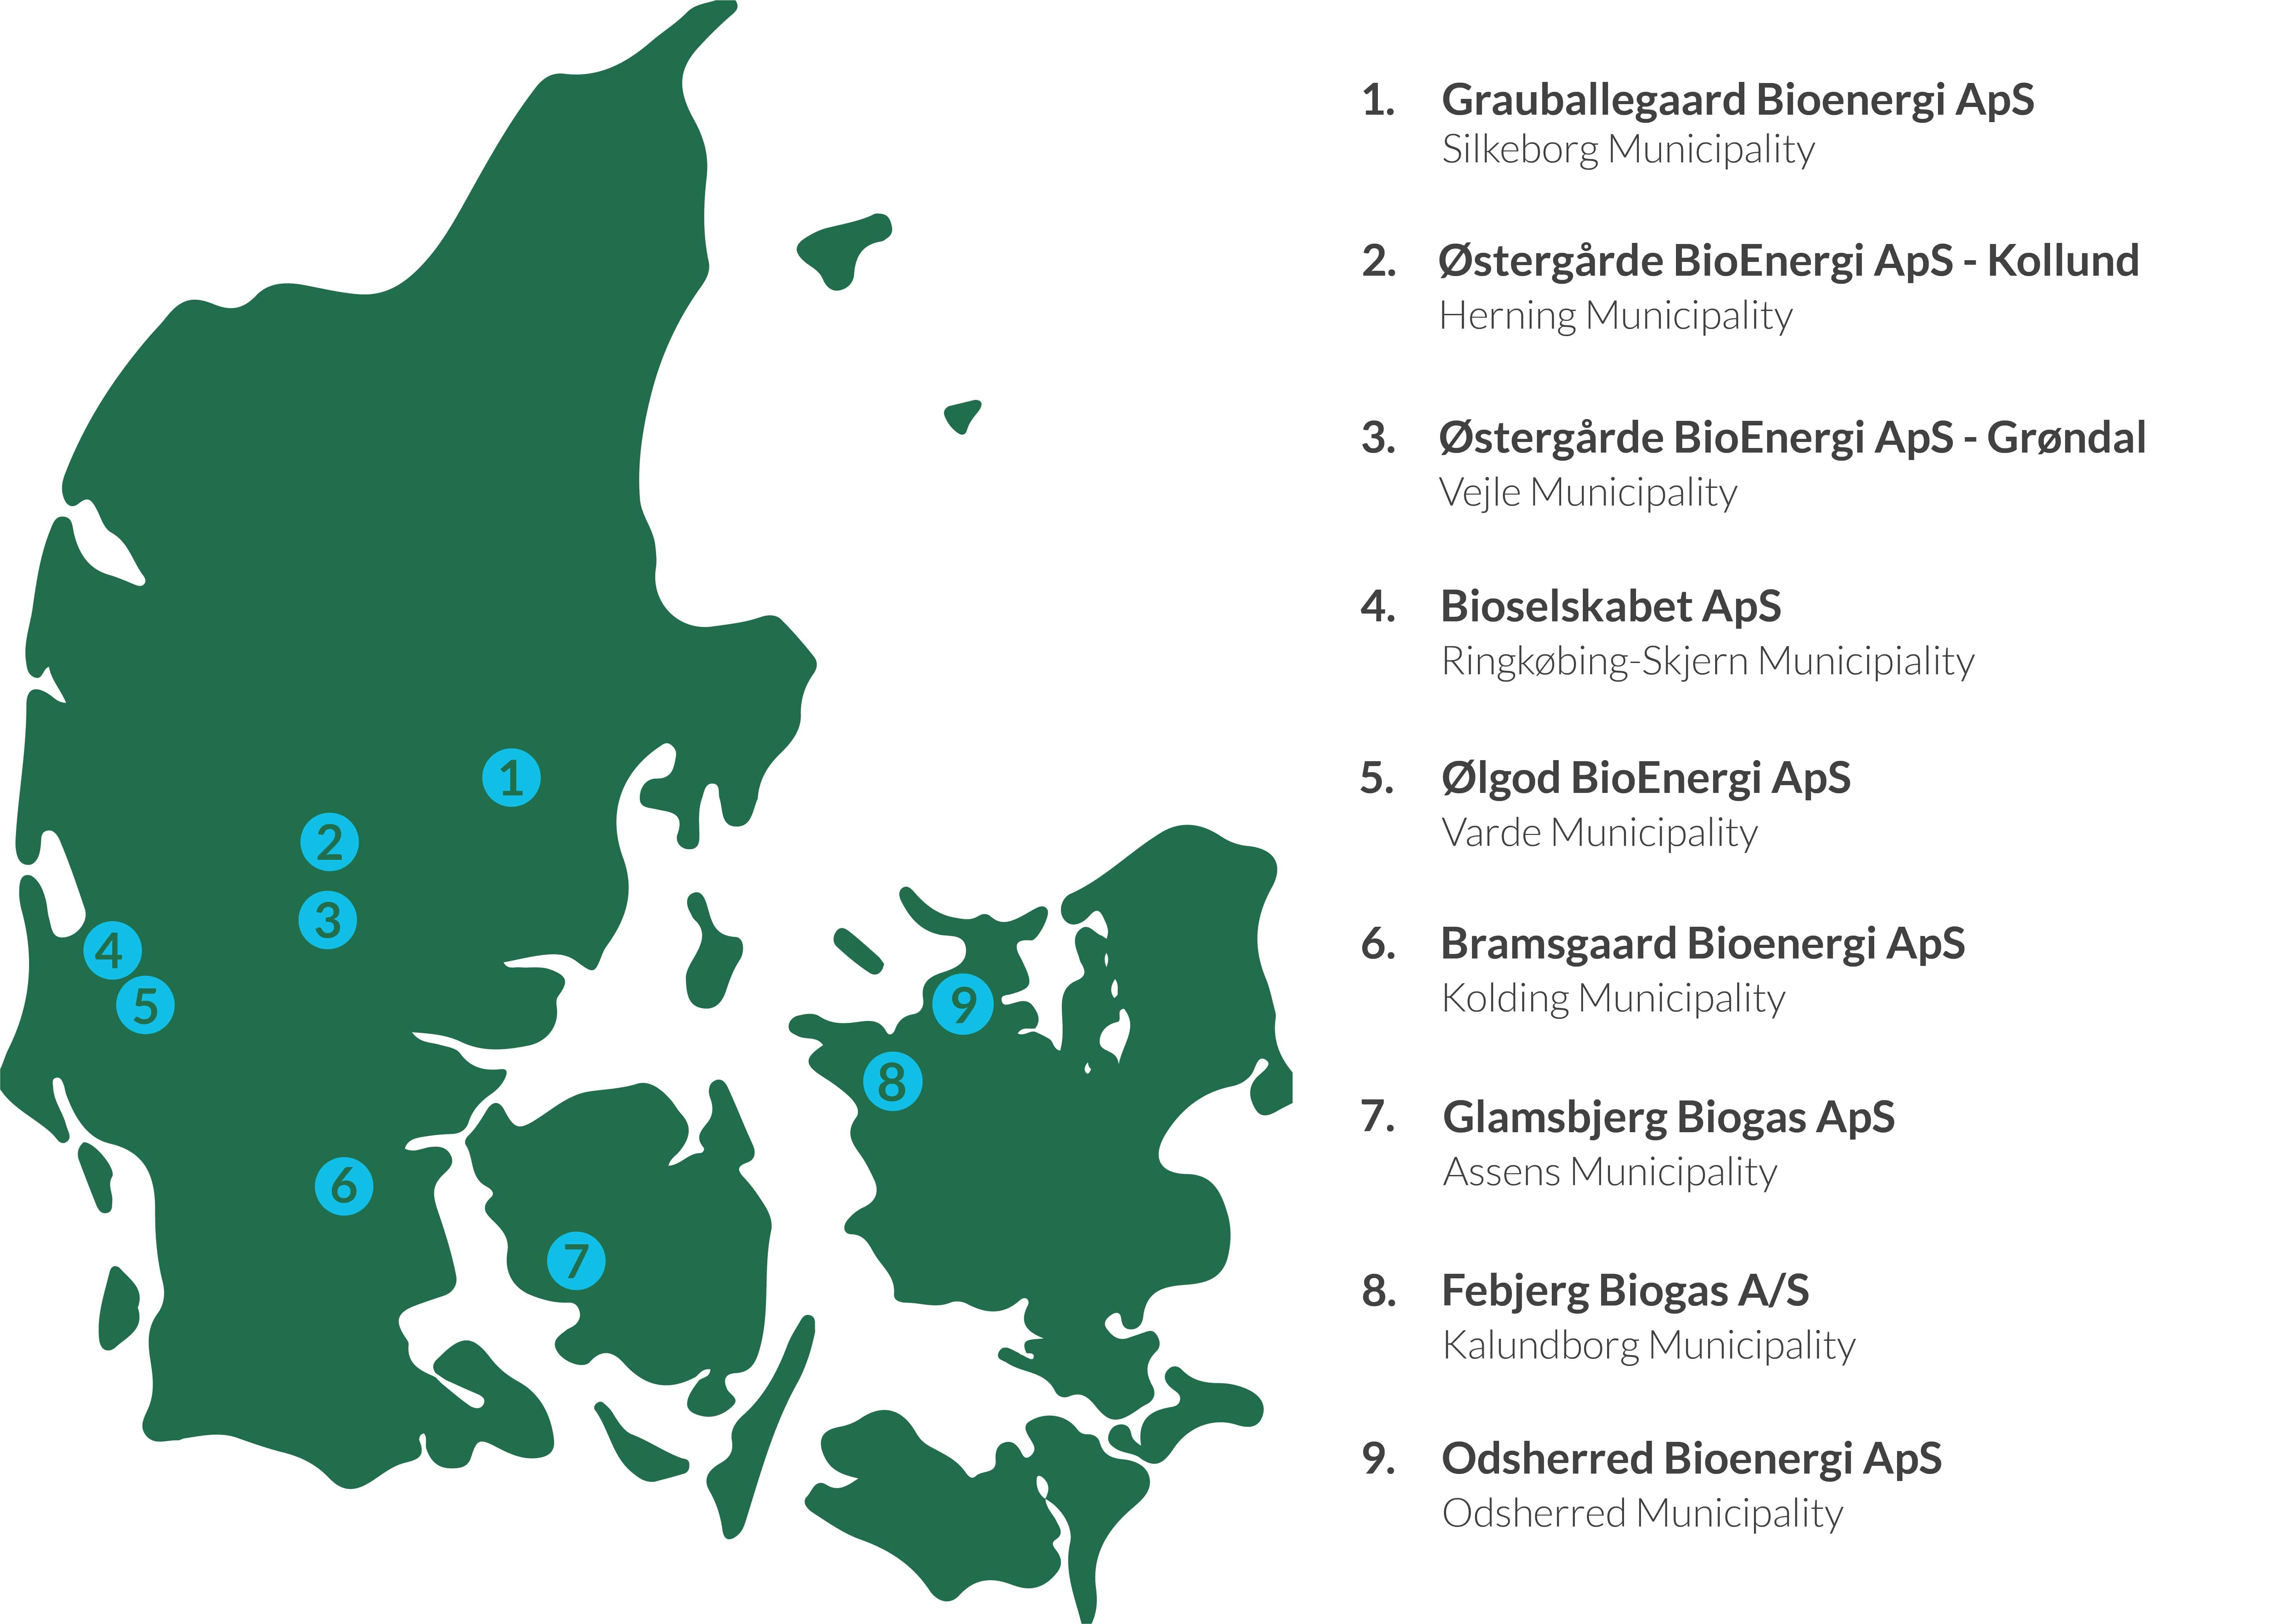 valgresultat 2017 kalundborg